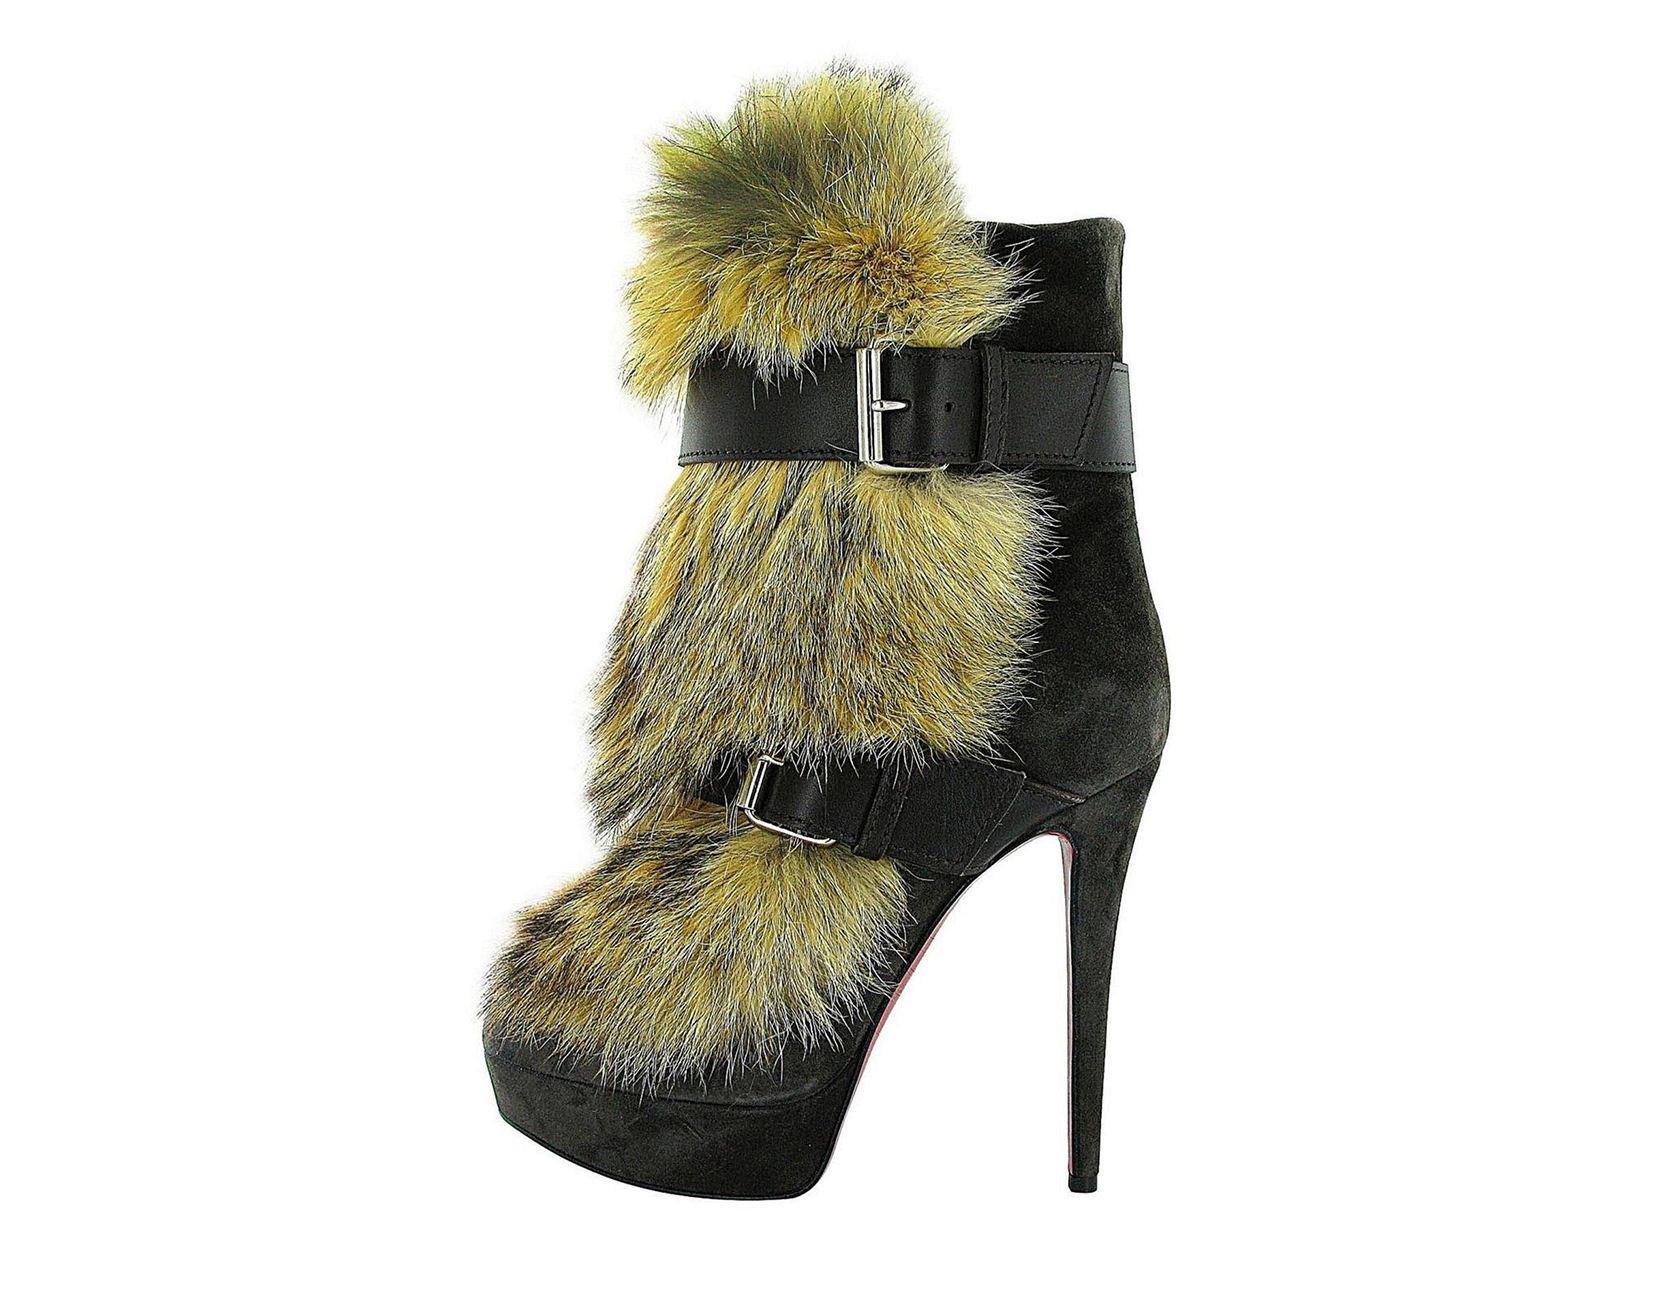 Trendy zimní boty  kožešiny Trendy zimní boty  kožešiny 79f02e3988